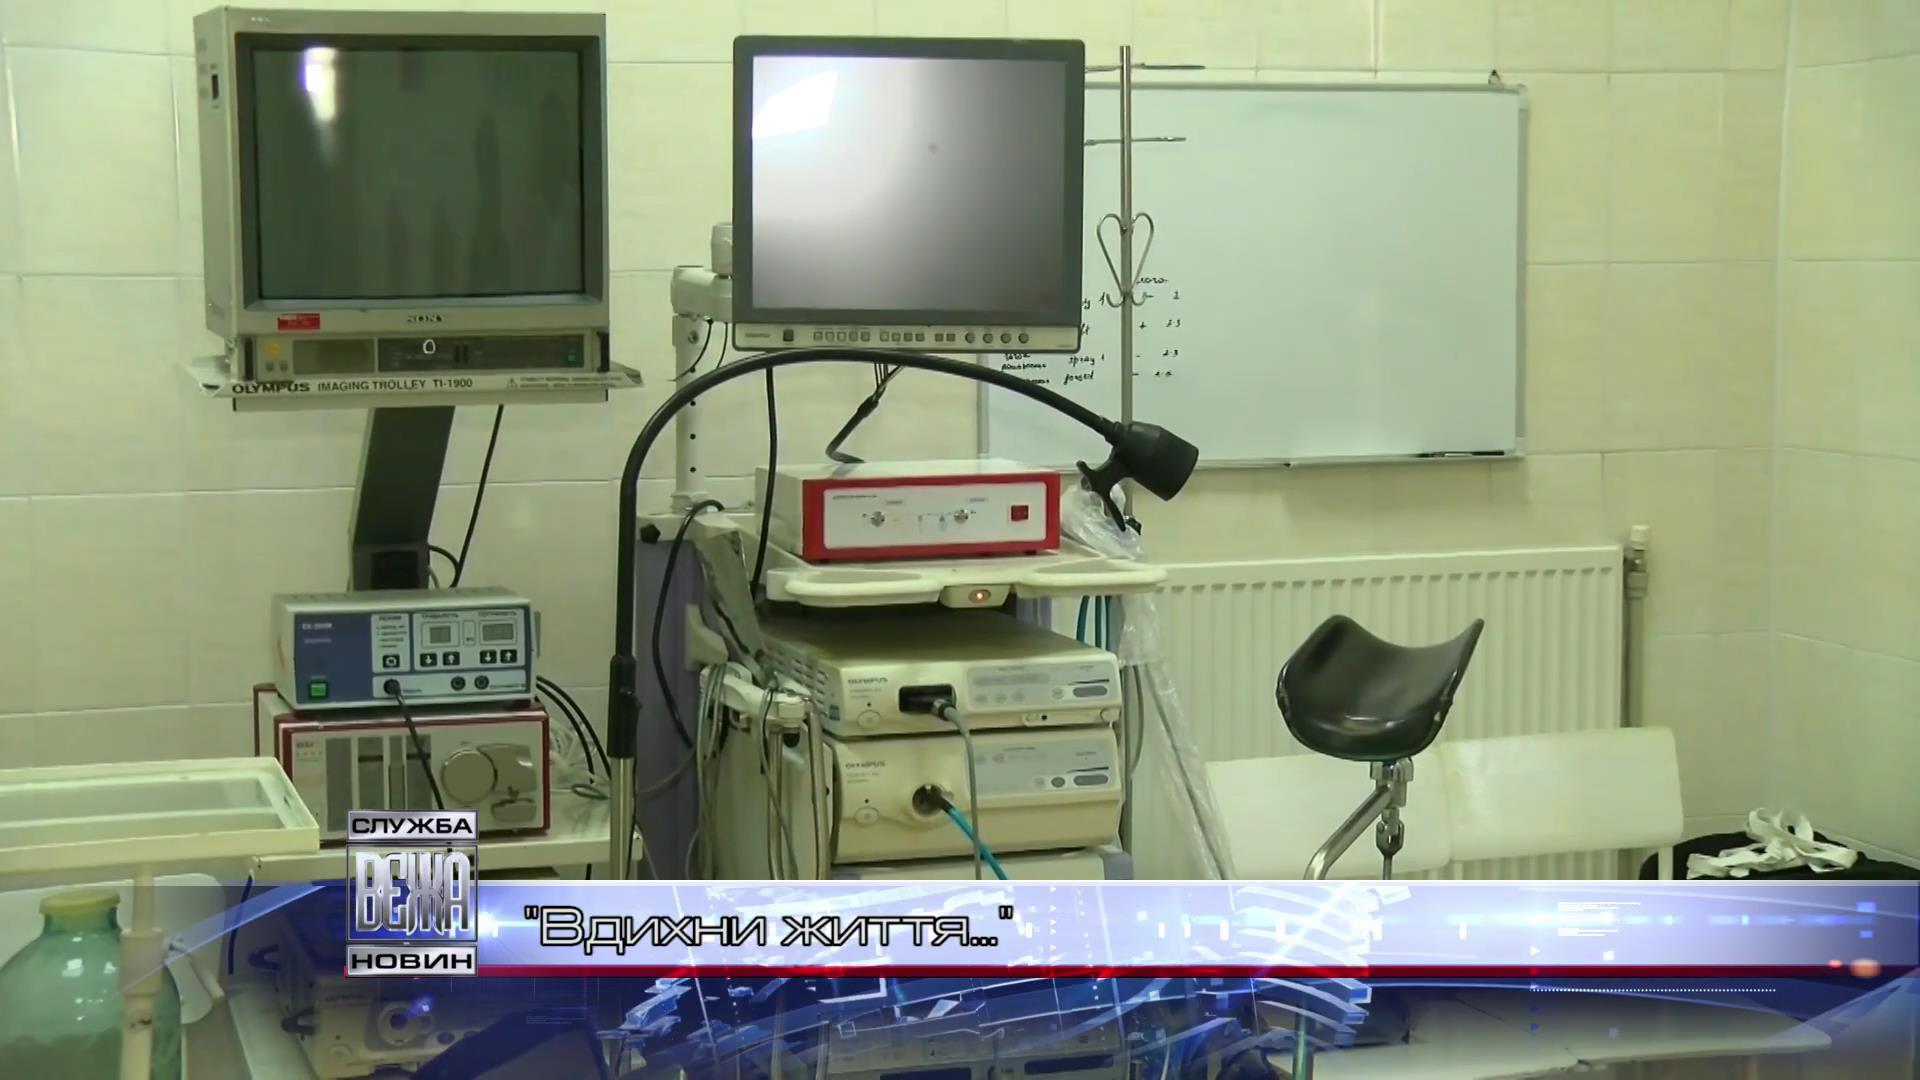 Коломийські активісти збирають кошти для придбання сучасного апарату ШВЛ у місцеву лікарню[04-09-03]